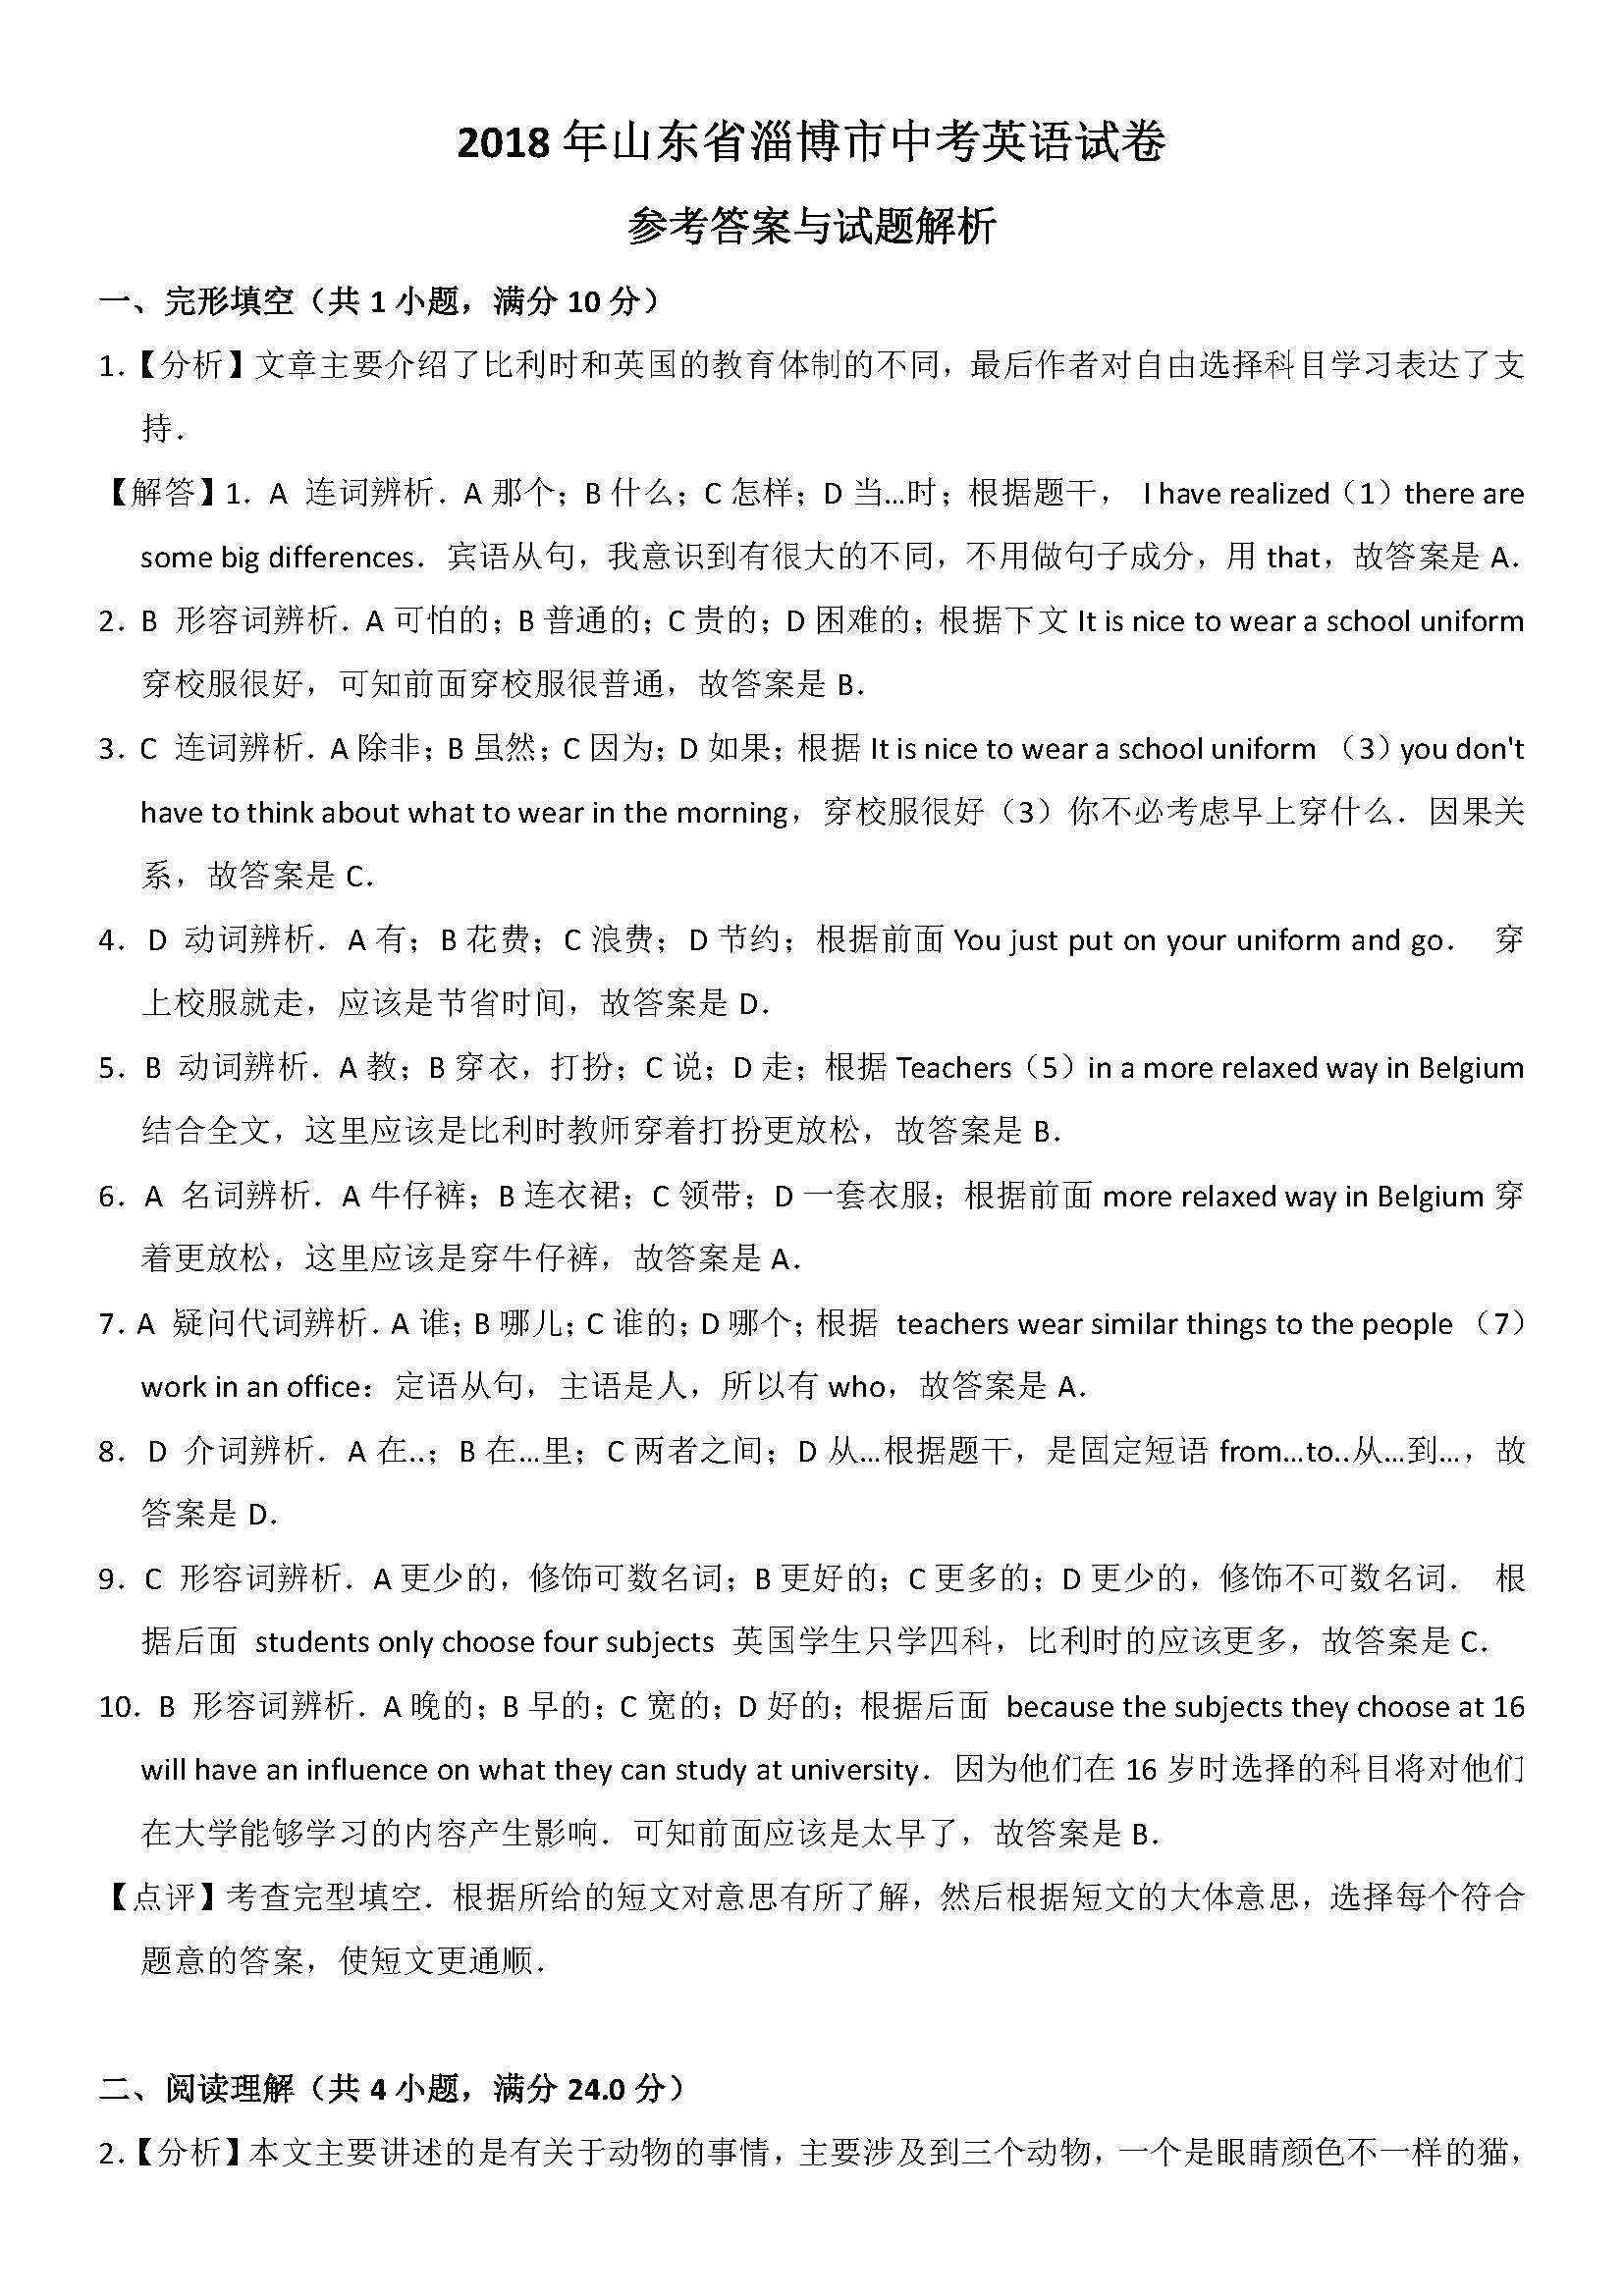 2018山东淄博中考英语试题及答案解析